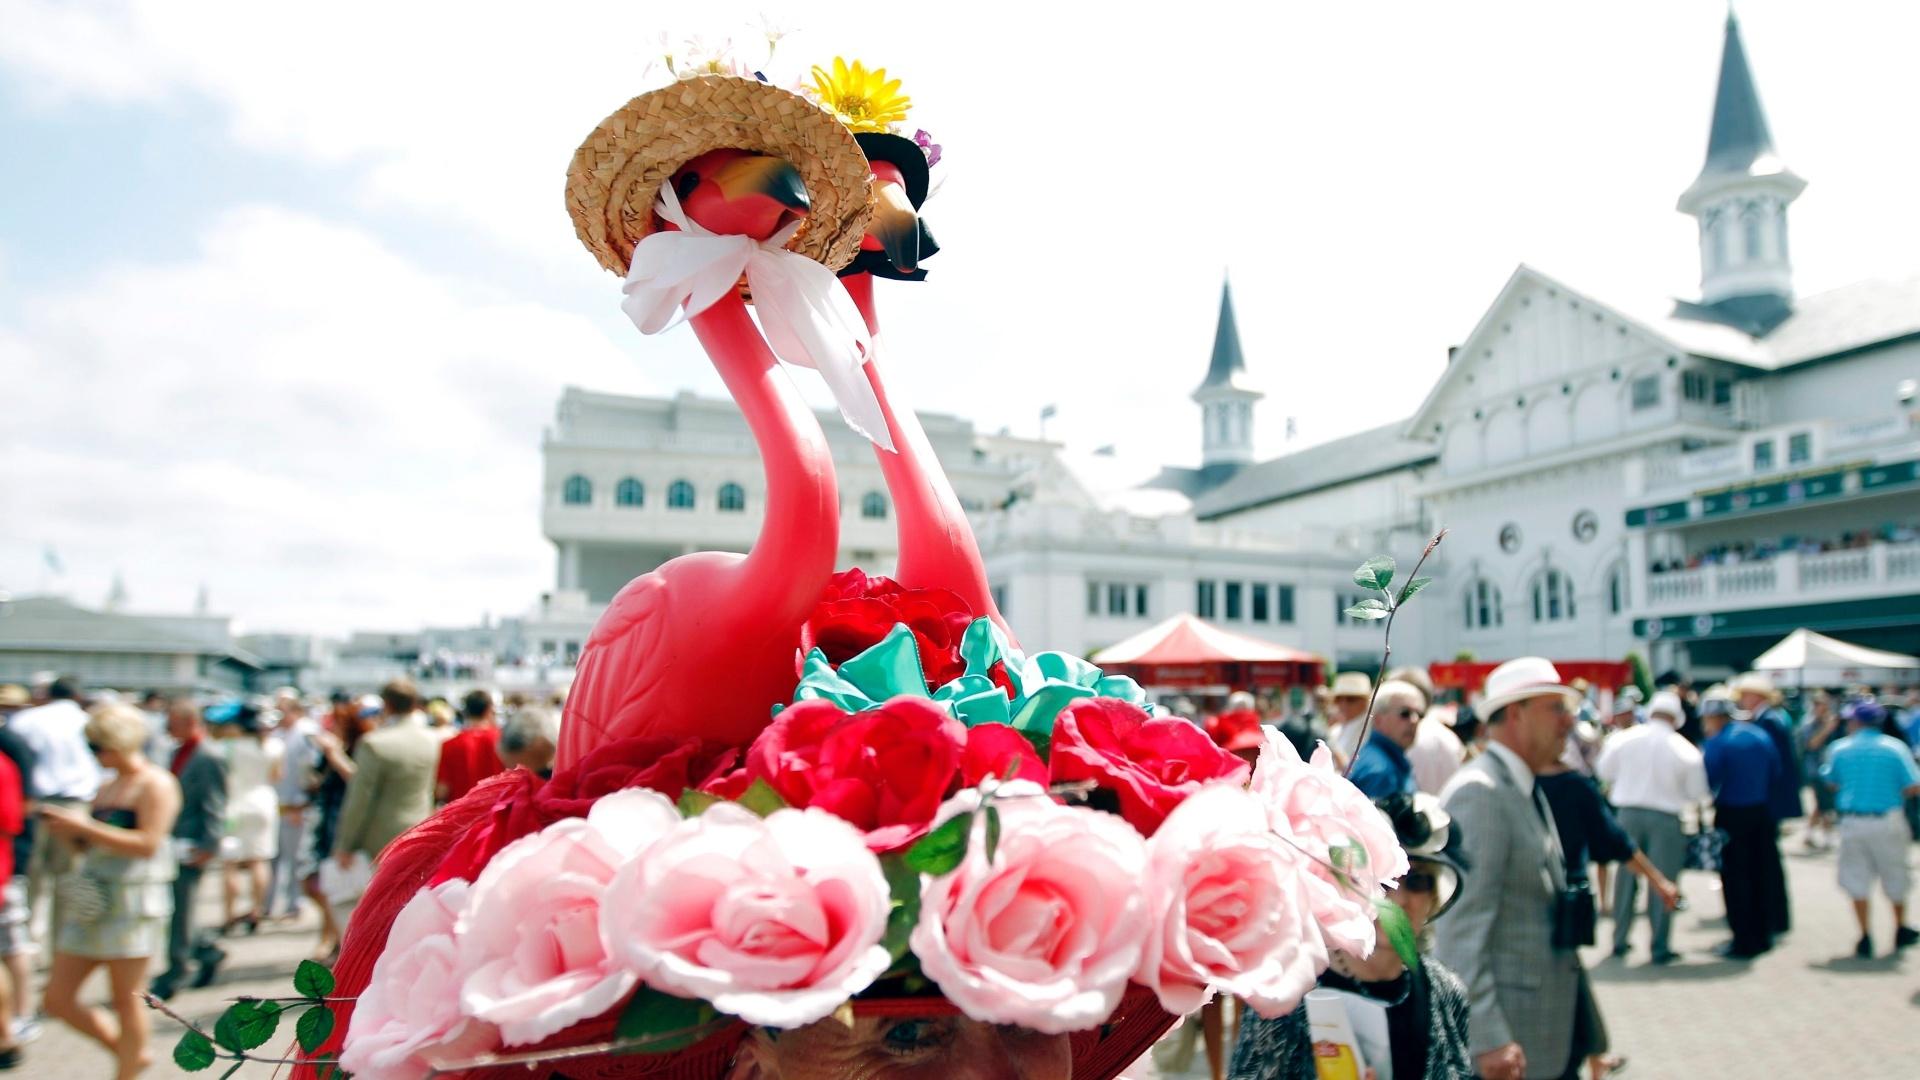 Mulher com chapéu de flamingo durante o Derby de Kentucky